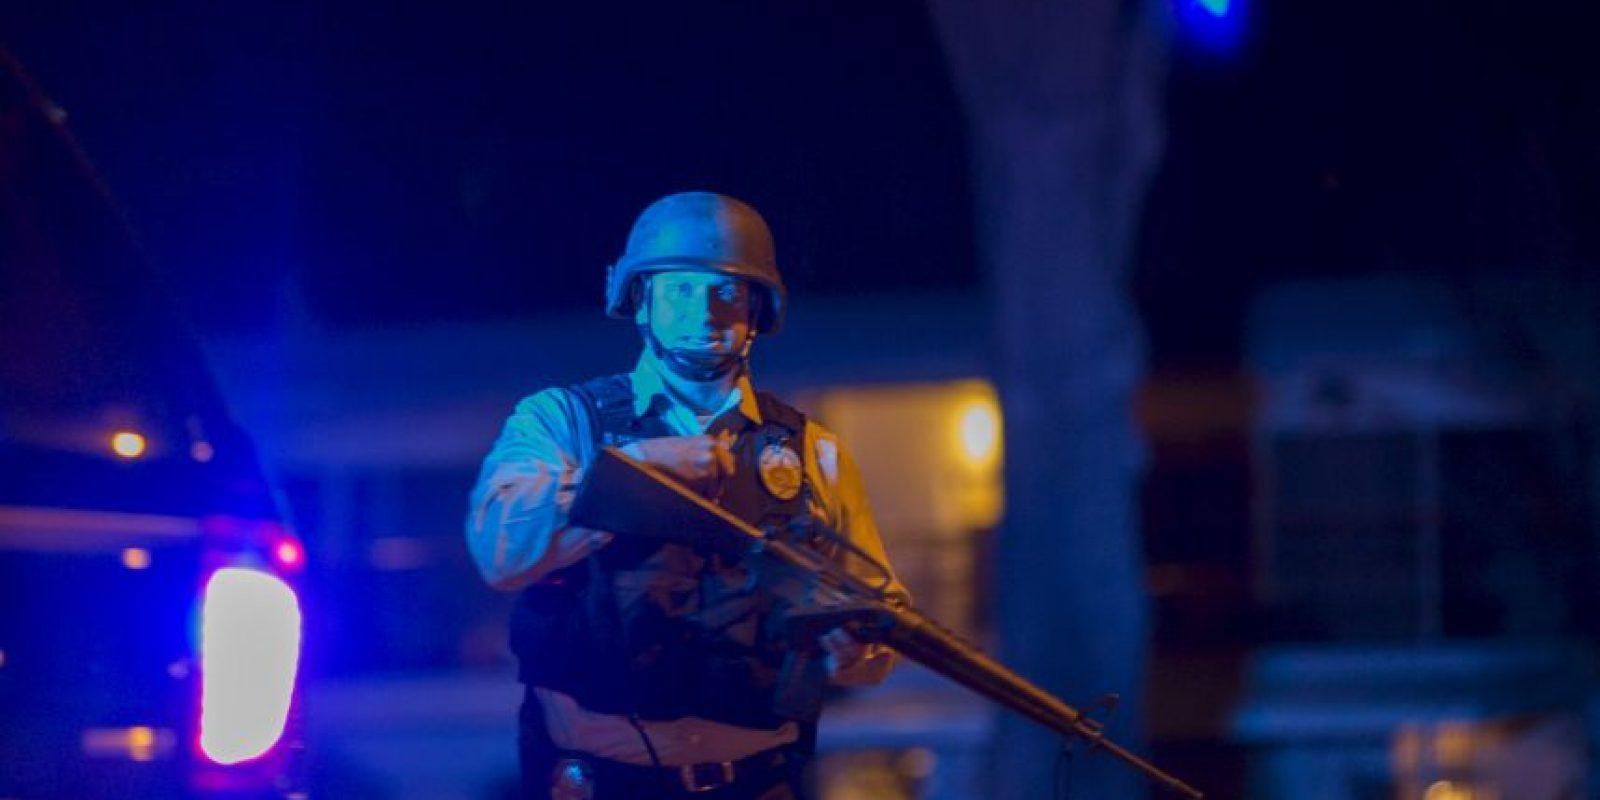 El número de este tipo de incidente sobrepasó la estadísticas de 2014. Foto:Getty Images